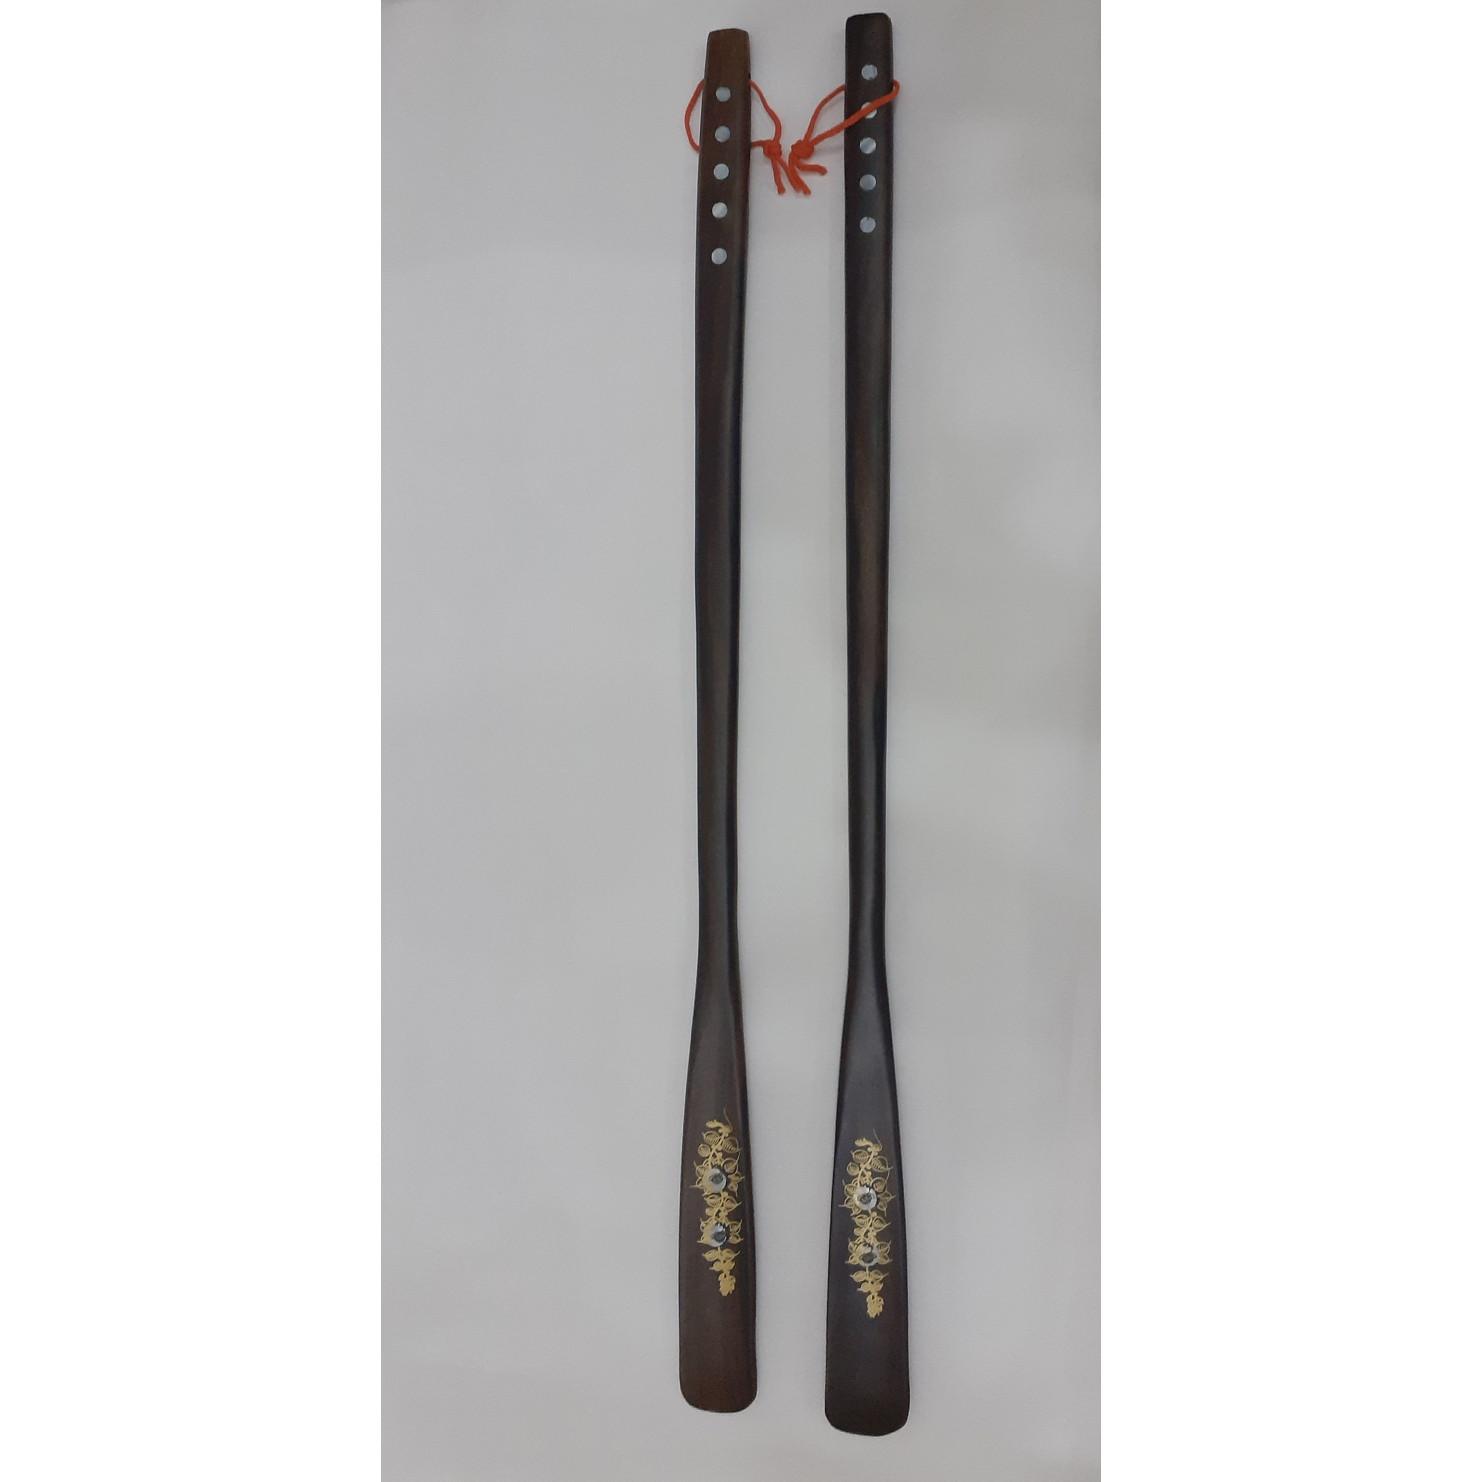 Hai Cây xỏ giầy gỗ muồng đen dài 70cm -khảm trai hoa văn